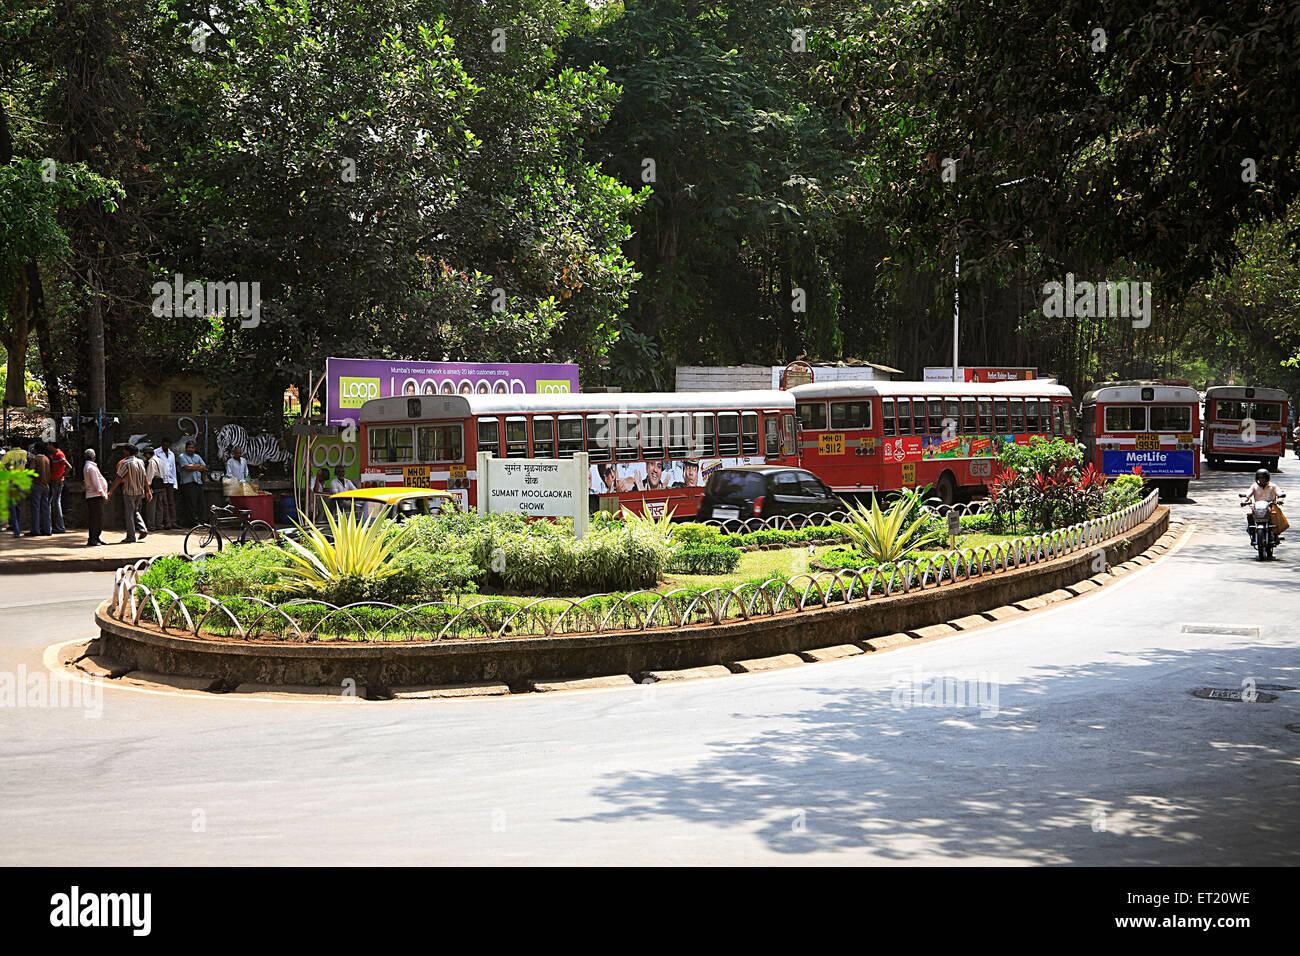 Jardín en la carretera y vehículos ; ; ; Maharashtra Bombay Bombay India Imagen De Stock